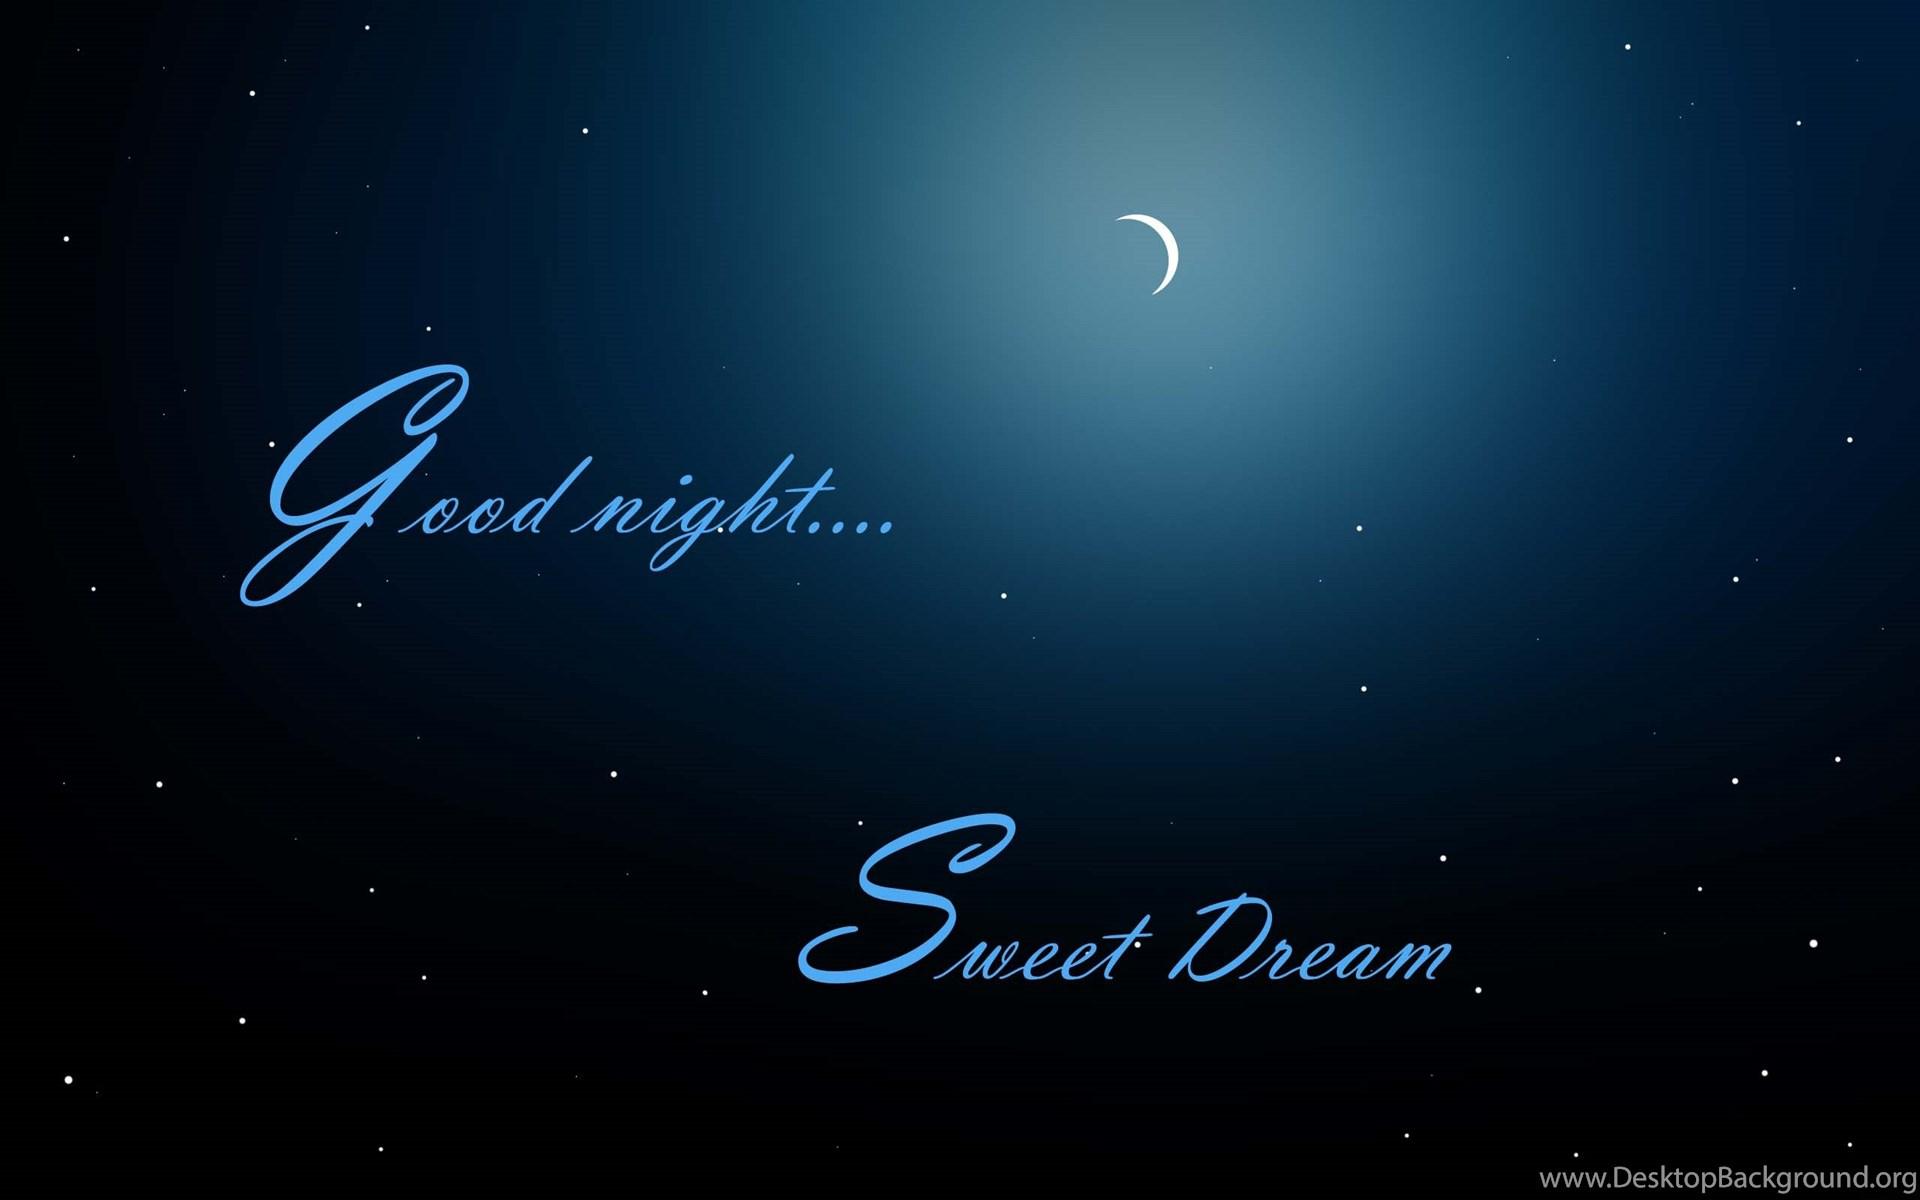 открытки с доброй ночи любимому на английскому весьма практичны работе